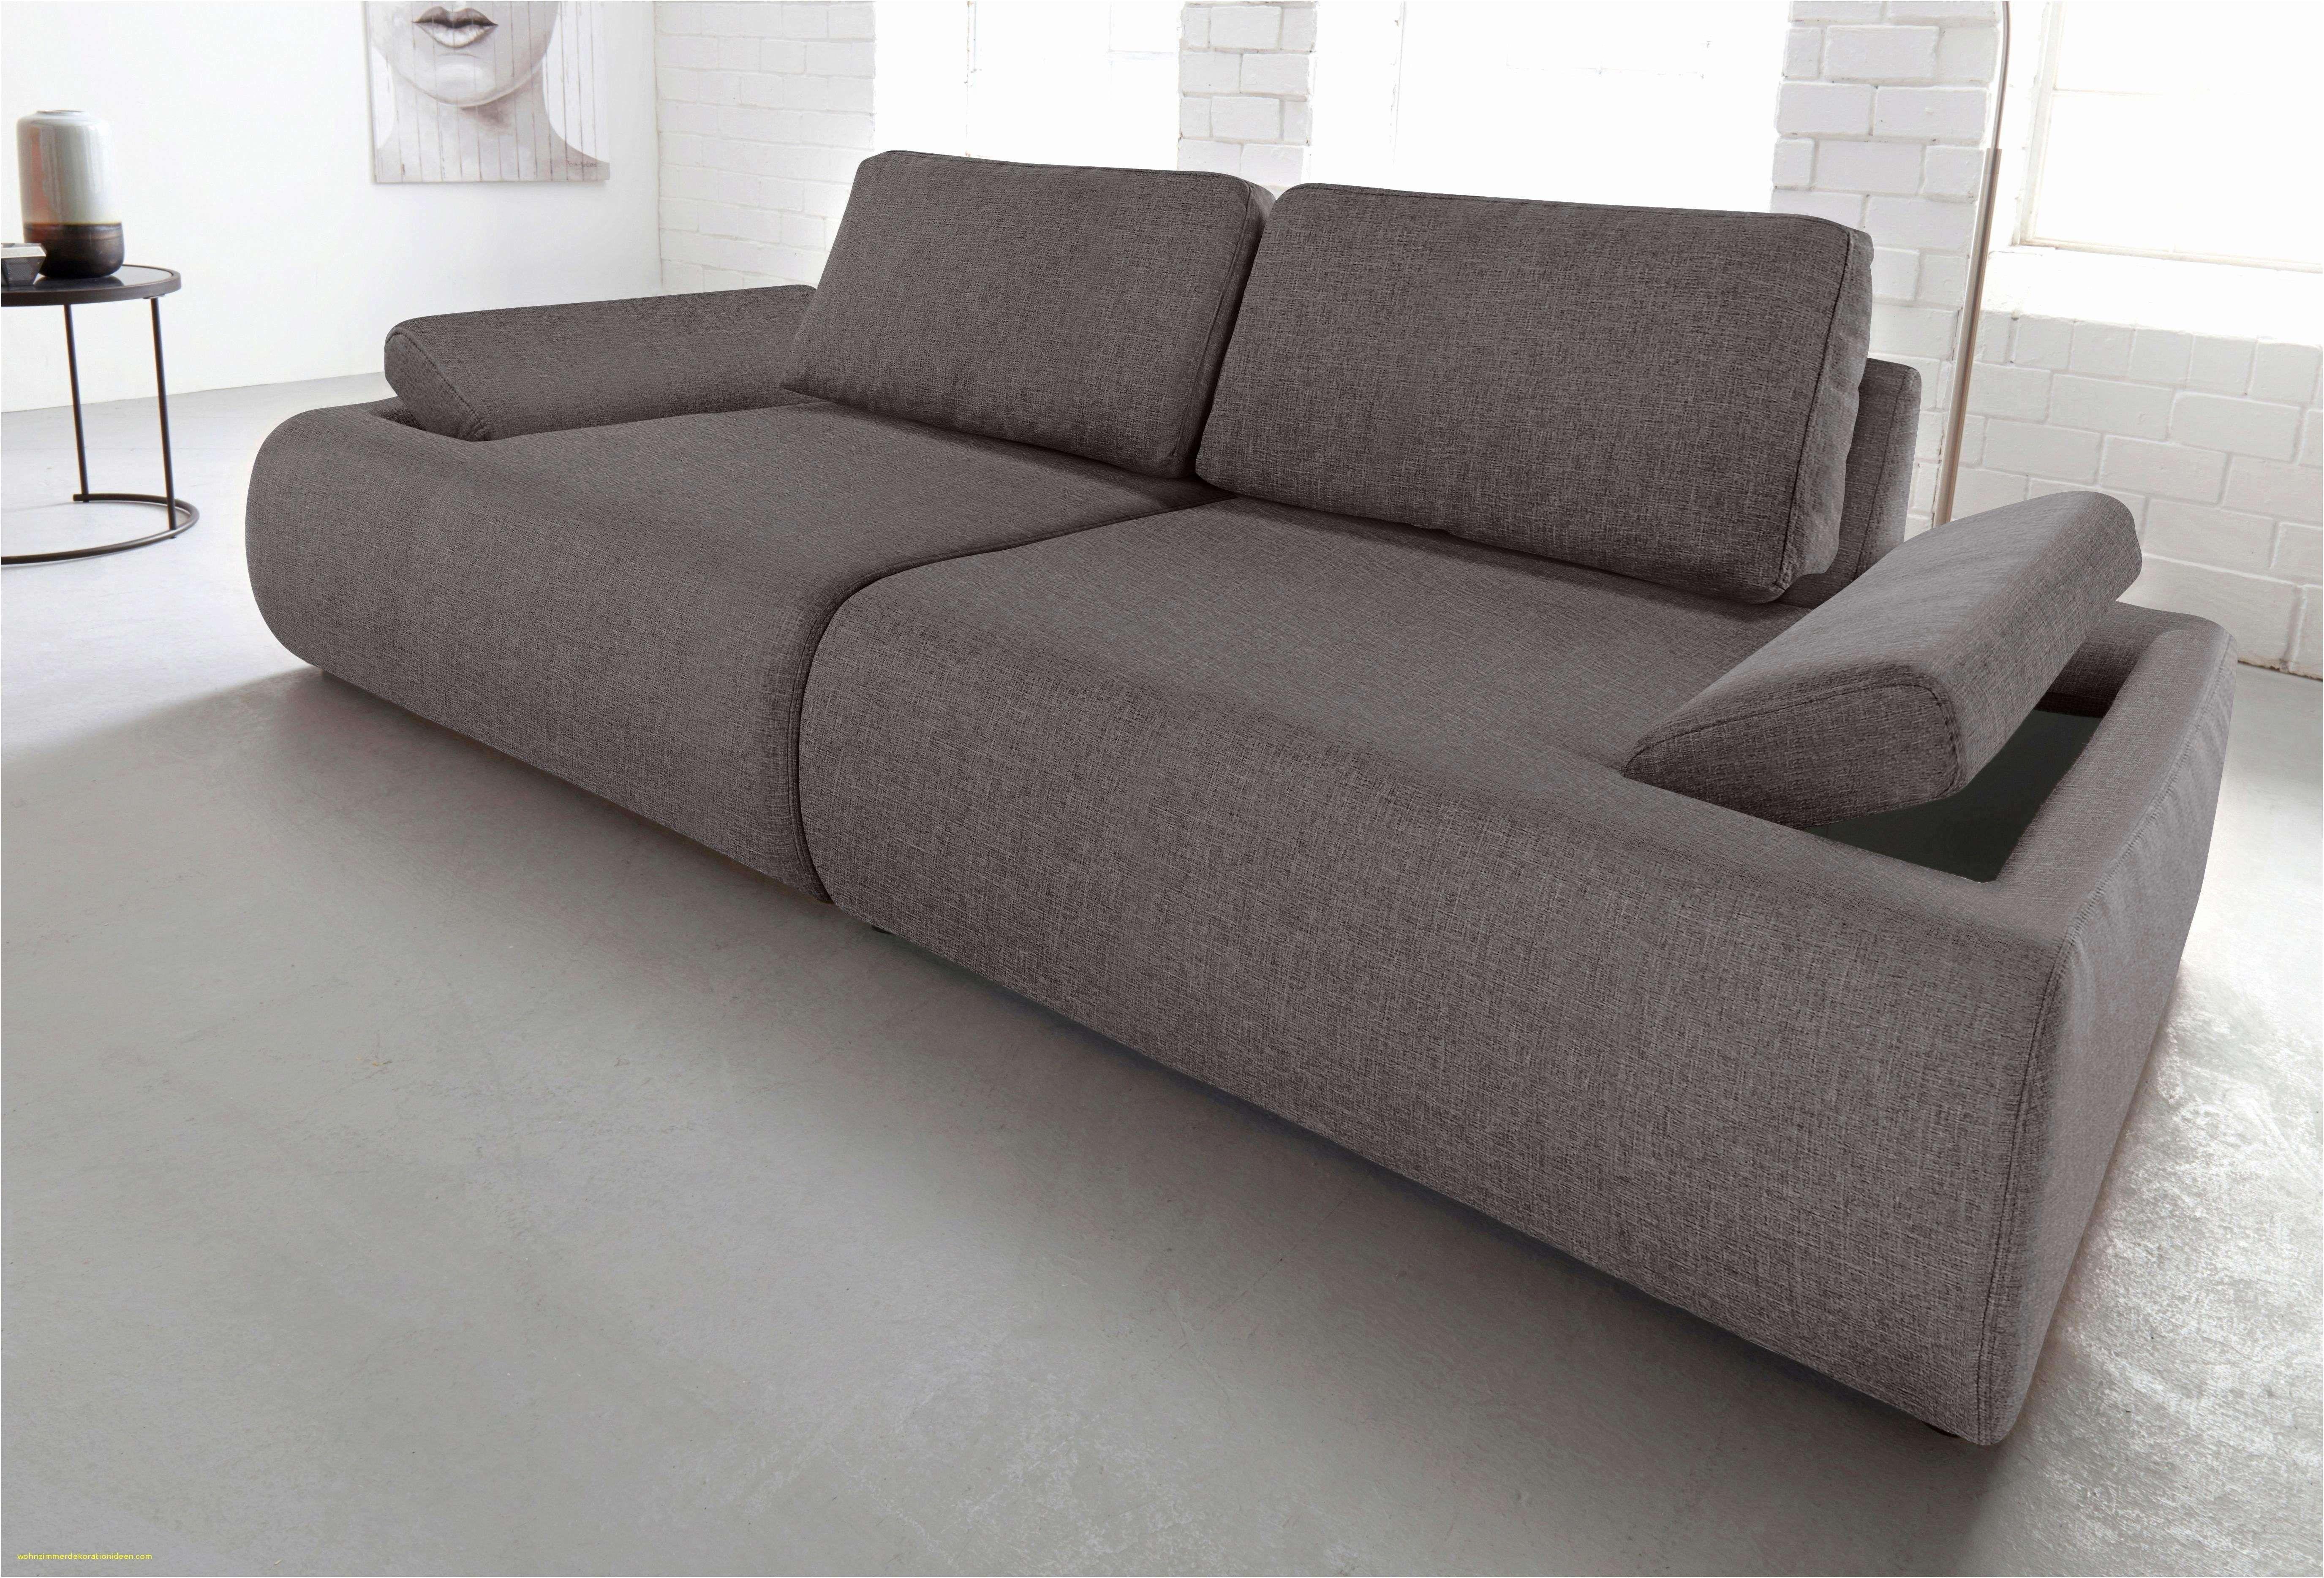 Big Sofa Lila Sofa Poco Frisch Poco Sofa Neu Sofa Stoff Reinigen Neu Lila Couch 0d Big Sofas Sofa Inosign